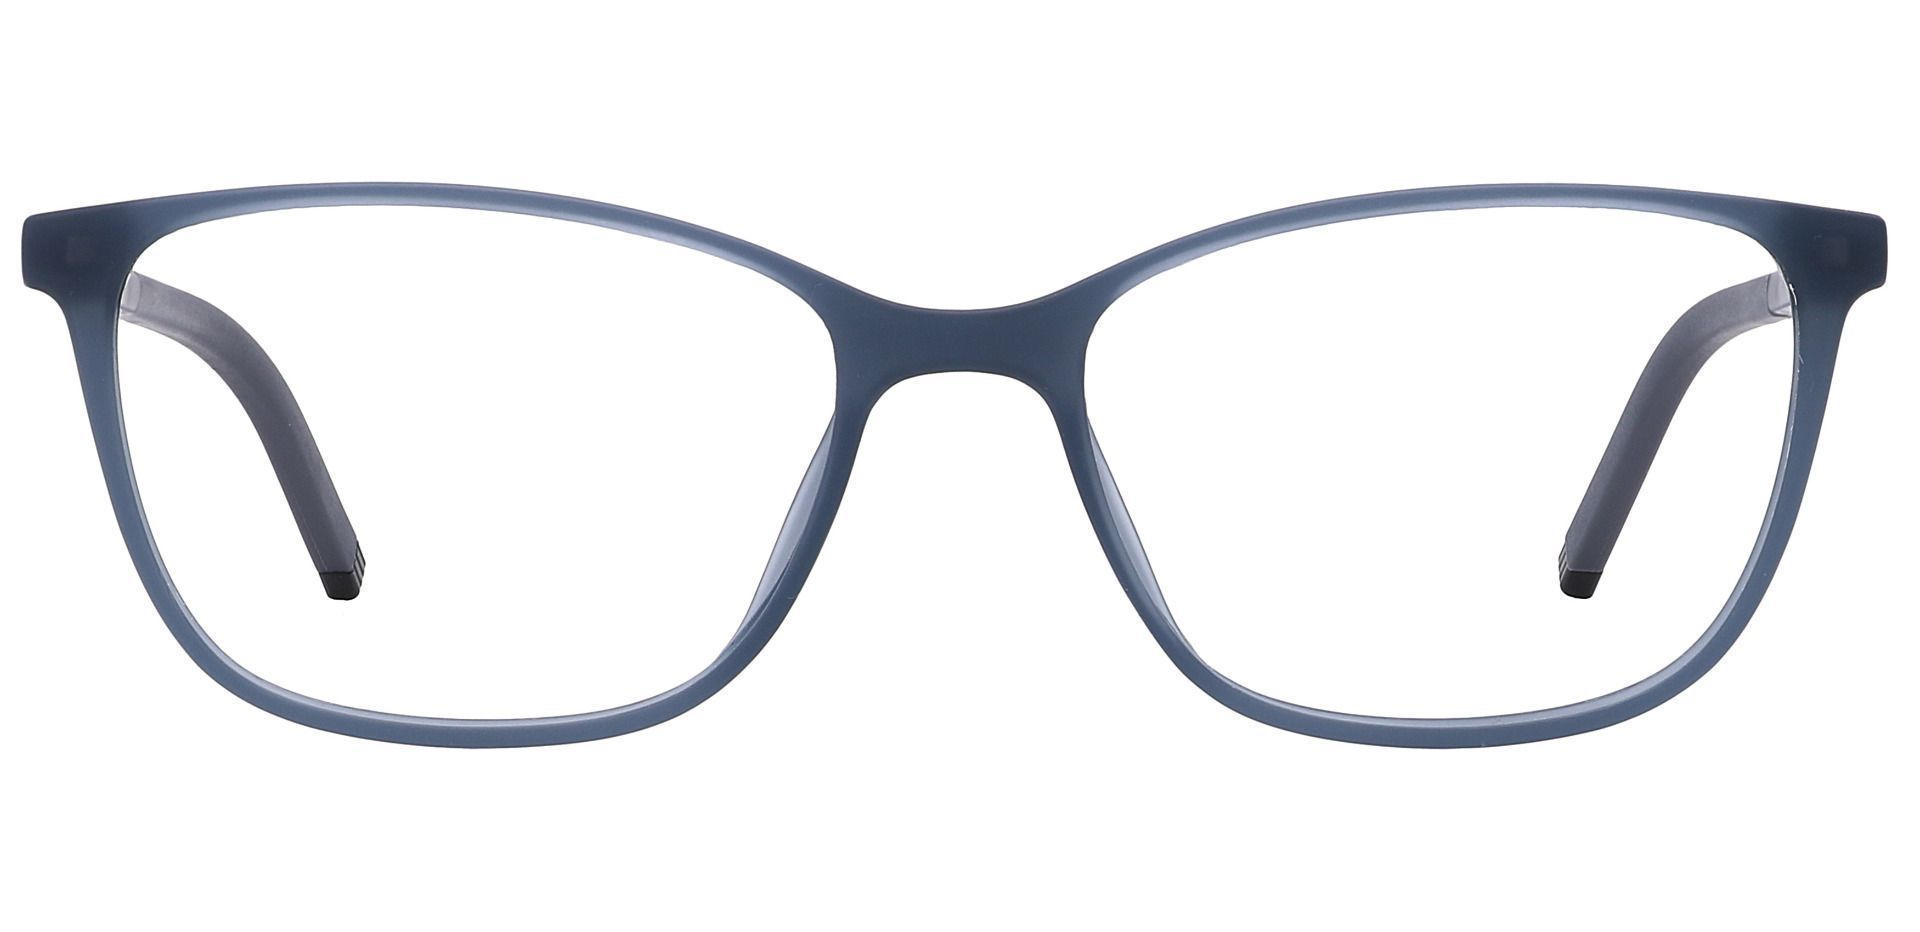 Danica Square Prescription Glasses - Gray